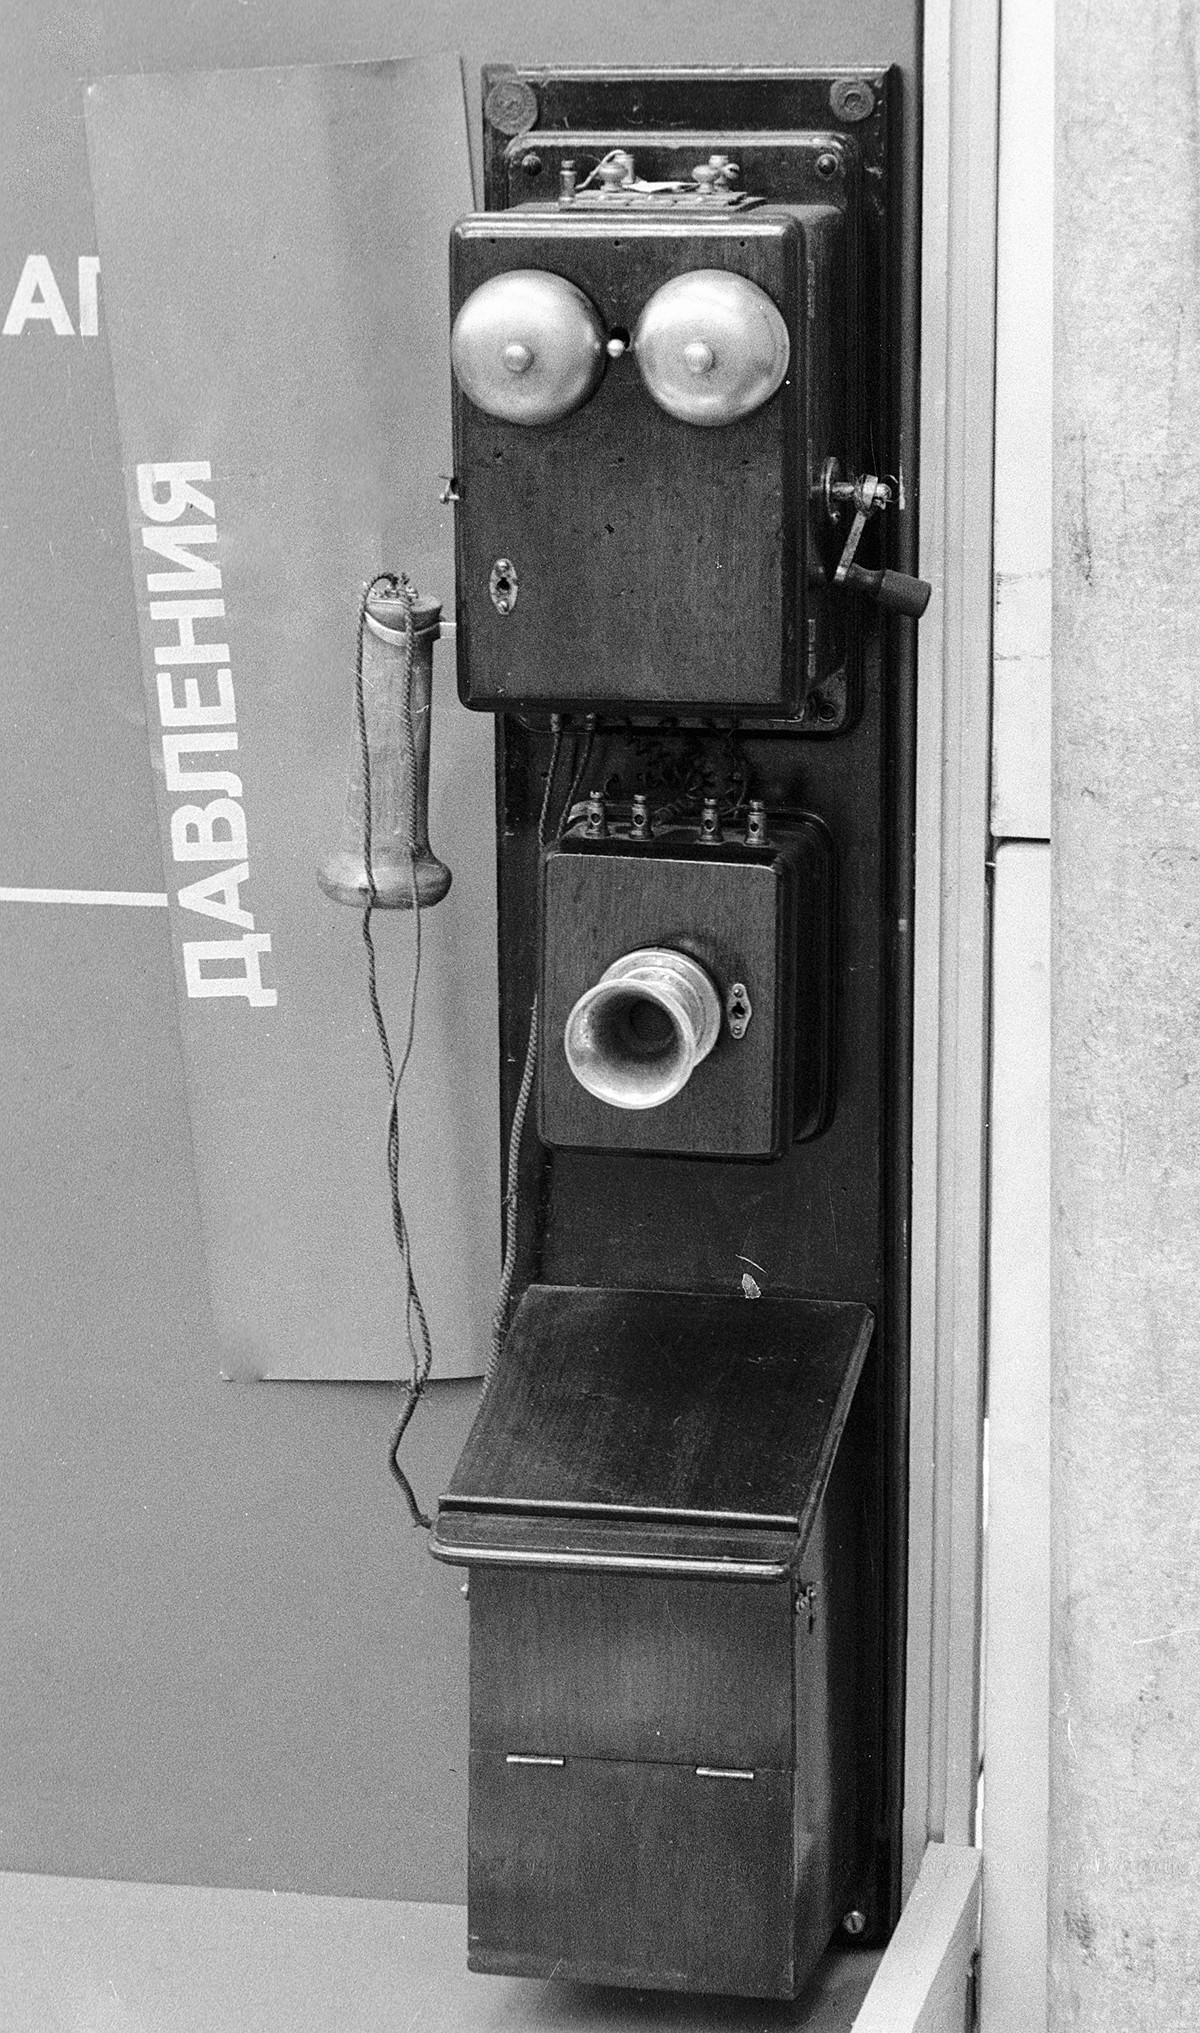 Първият телефон в Москва от Bell's International Company. От колекцията на Московската градска телефонна централа.